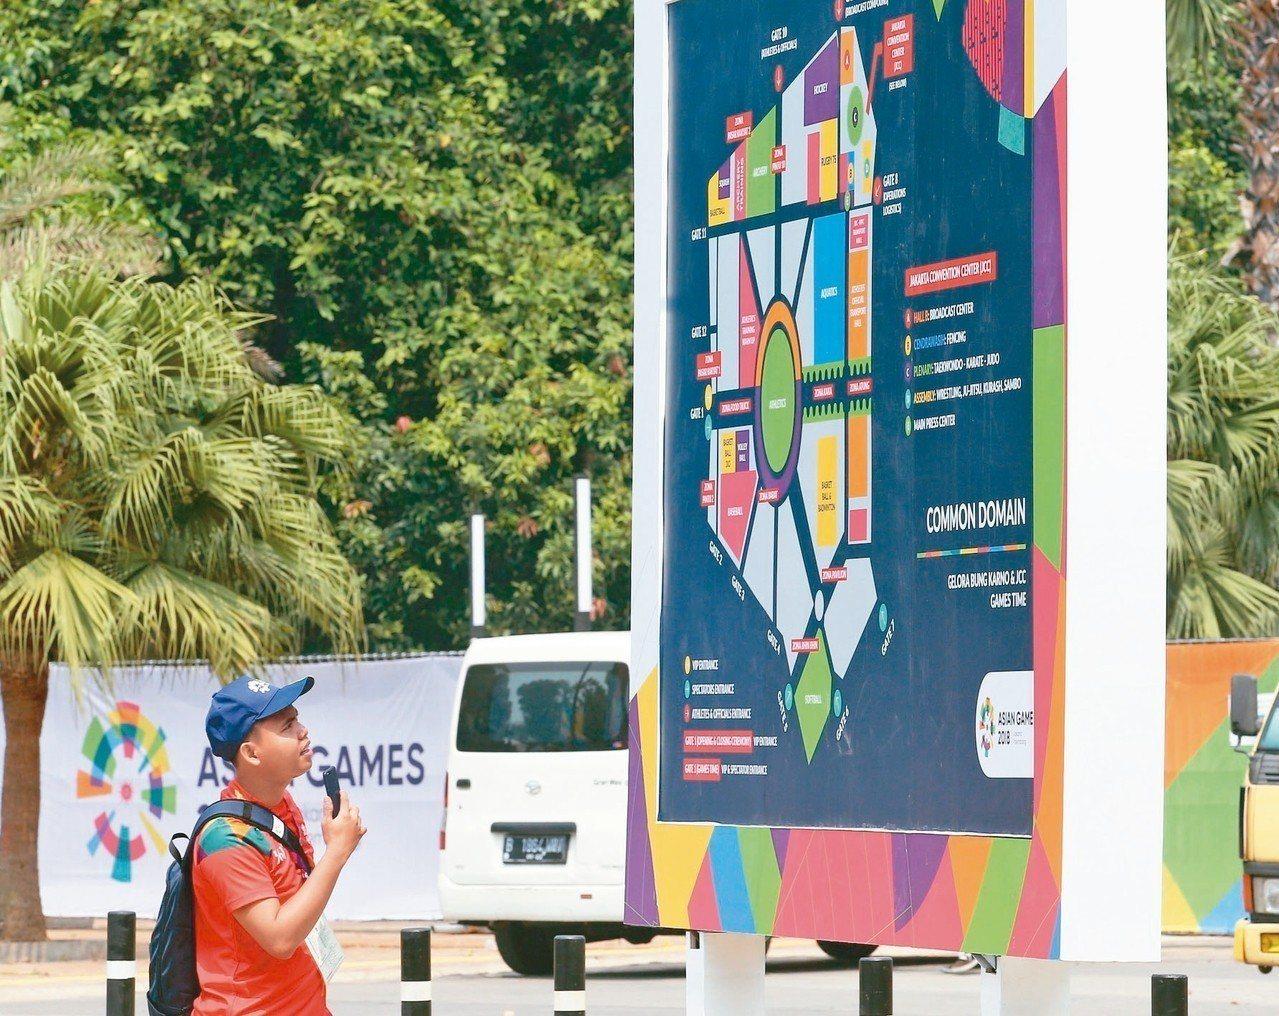 工作人員對賽場位置分配圖仍未熟悉。 特派記者陳正興/雅加達攝影